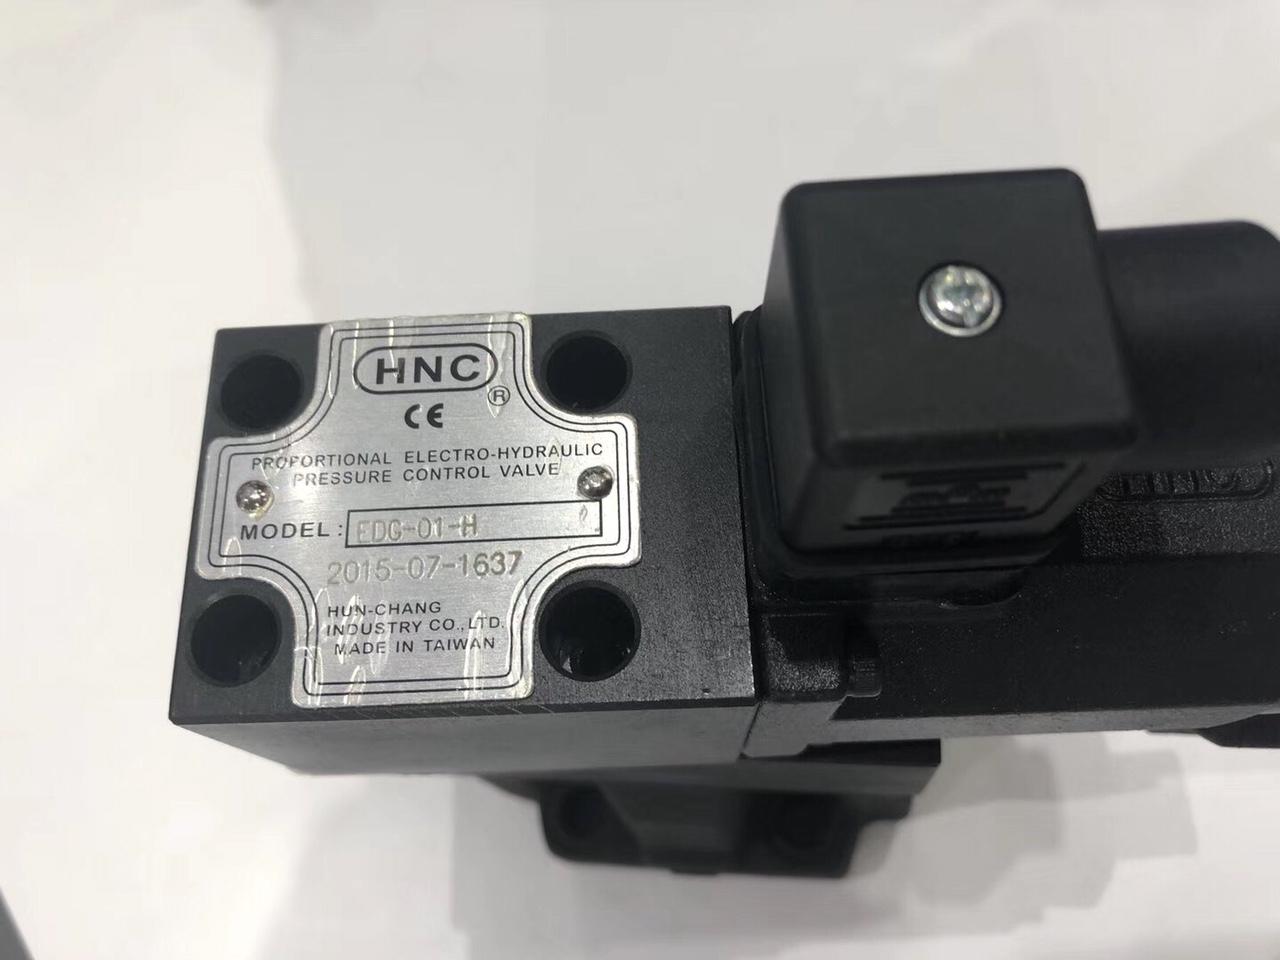 Van thủy lực HNC EDG-01-H